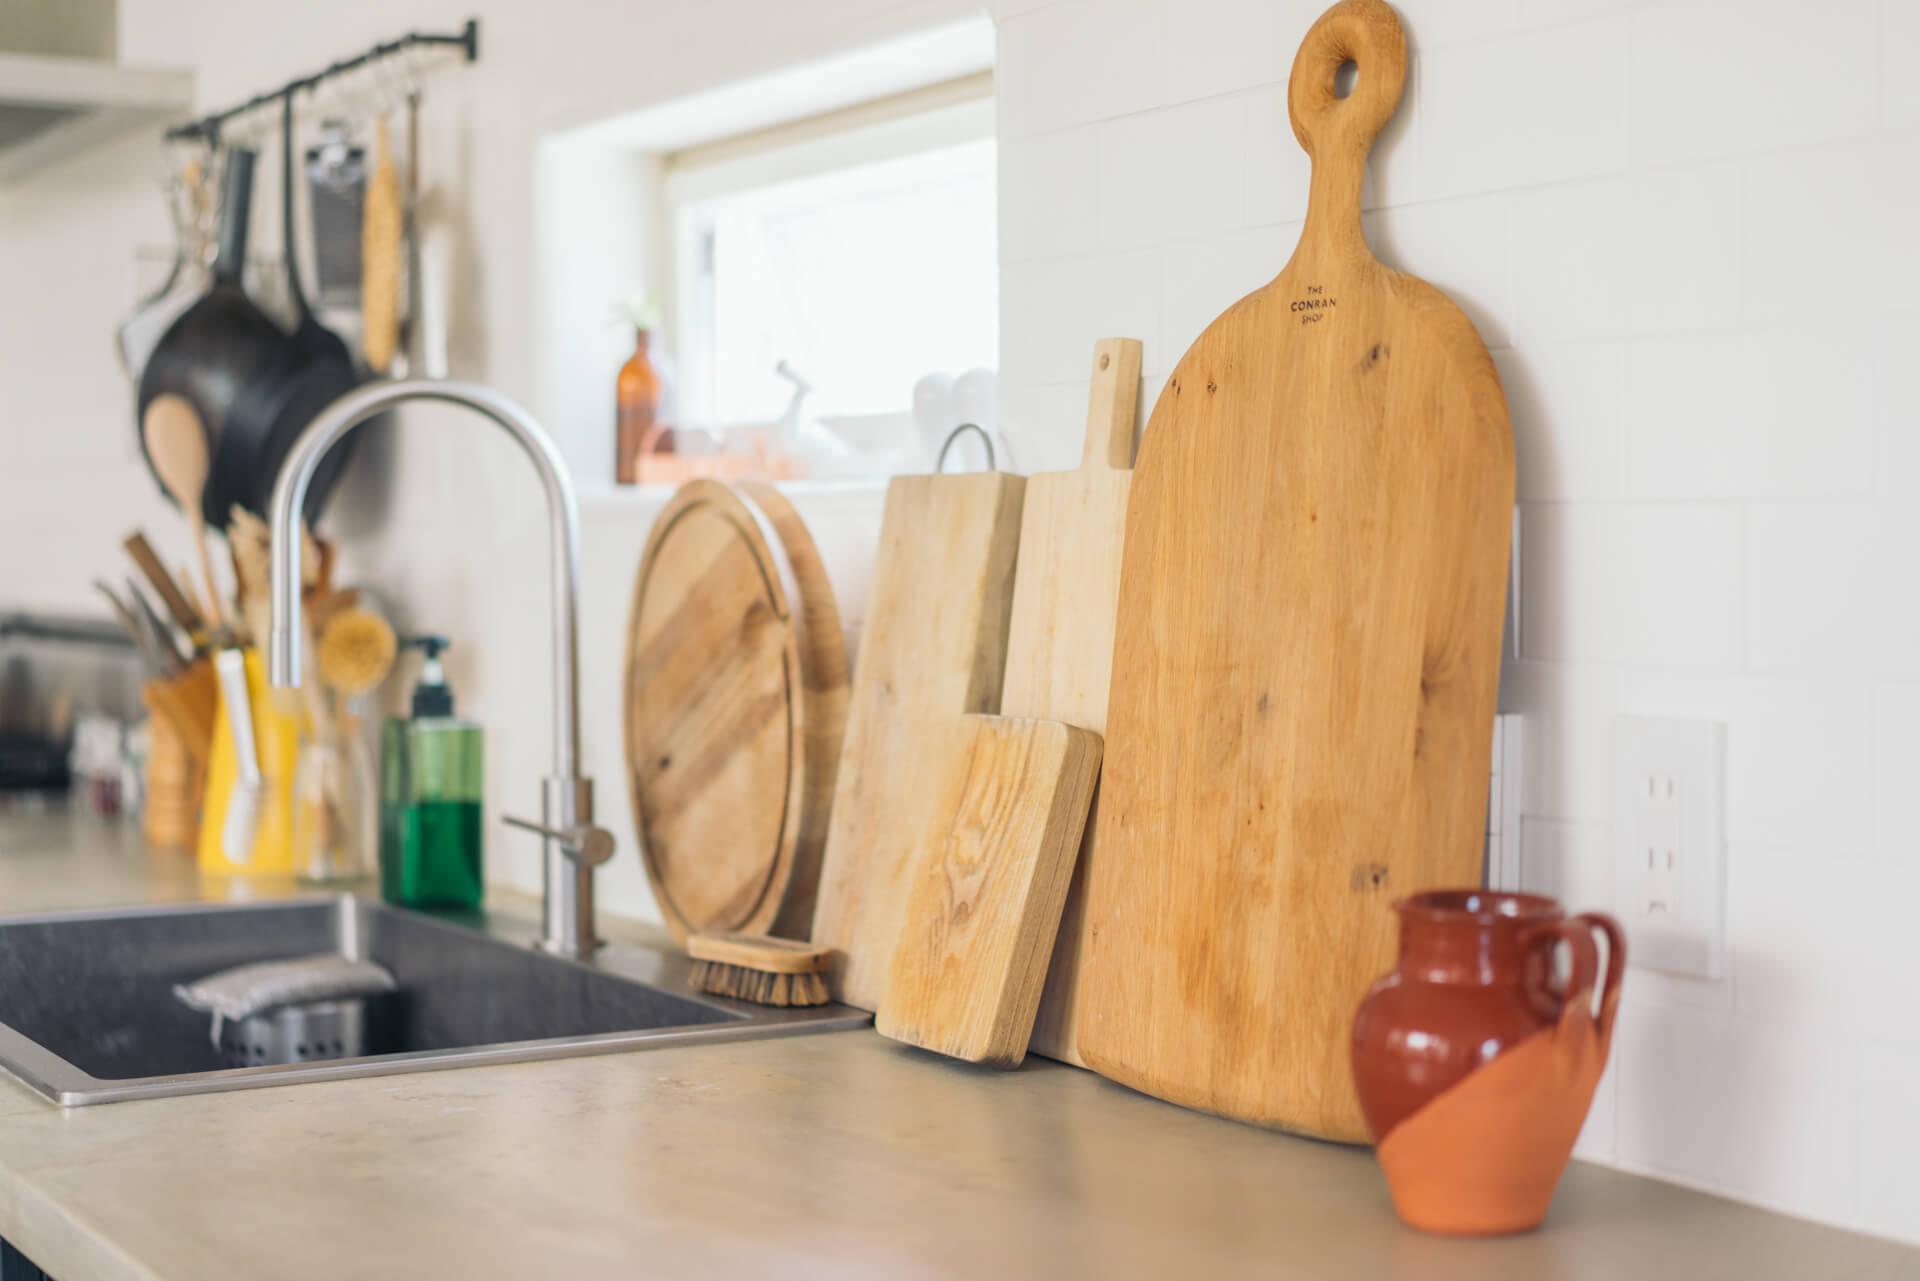 キッチンツールは黒のものと木の素材のもの。水回りに木の素材があると、ほっとしますね。